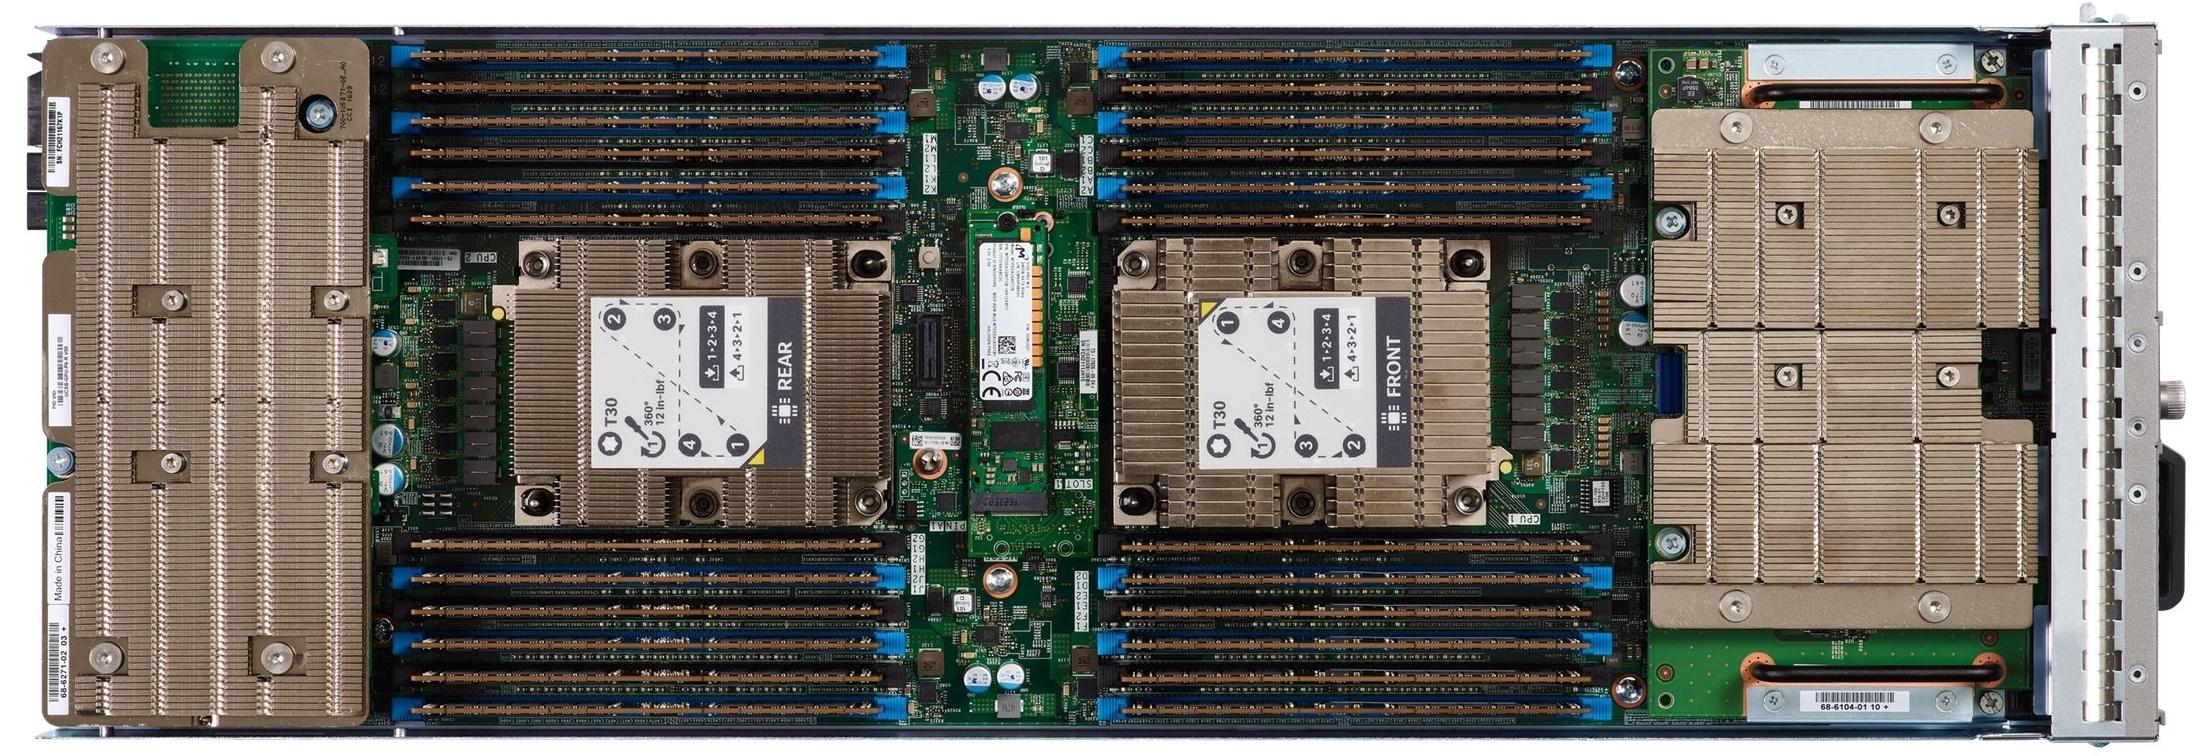 Cisco UCS B200 M5 GPUs